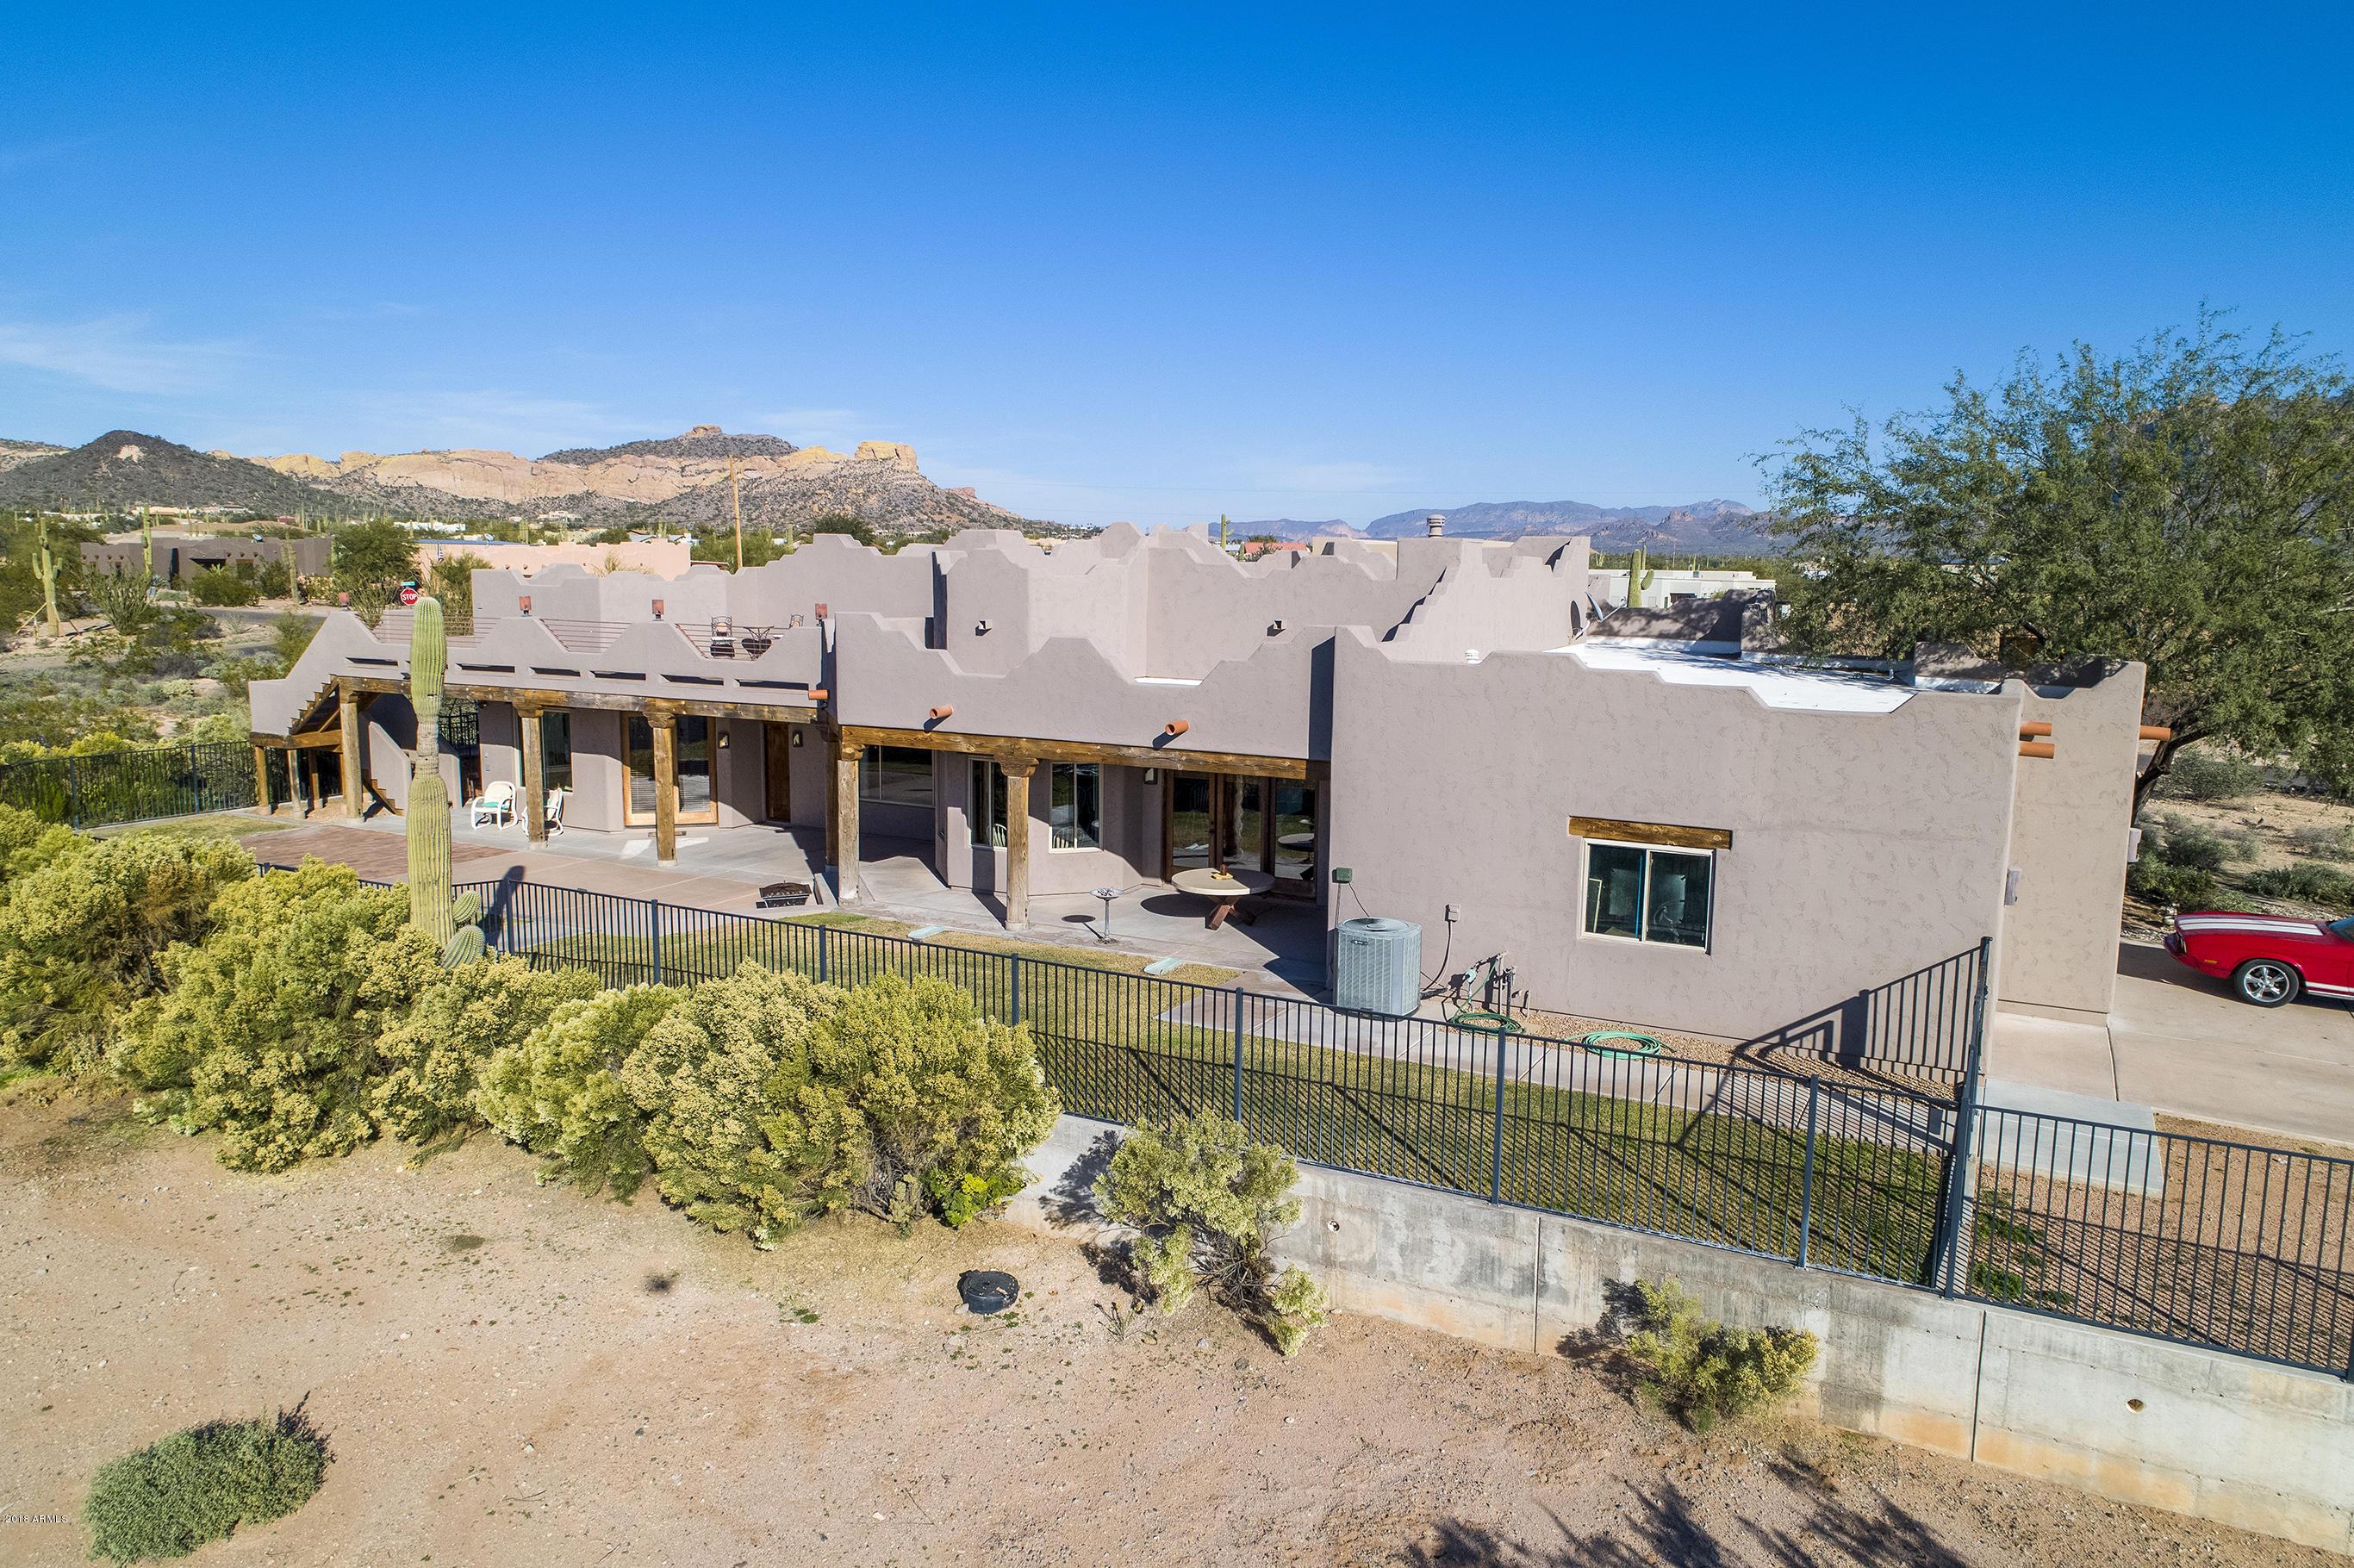 MLS 5849151 4150 N CACTUS Road, Apache Junction, AZ 85119 Apache Junction AZ RV Park